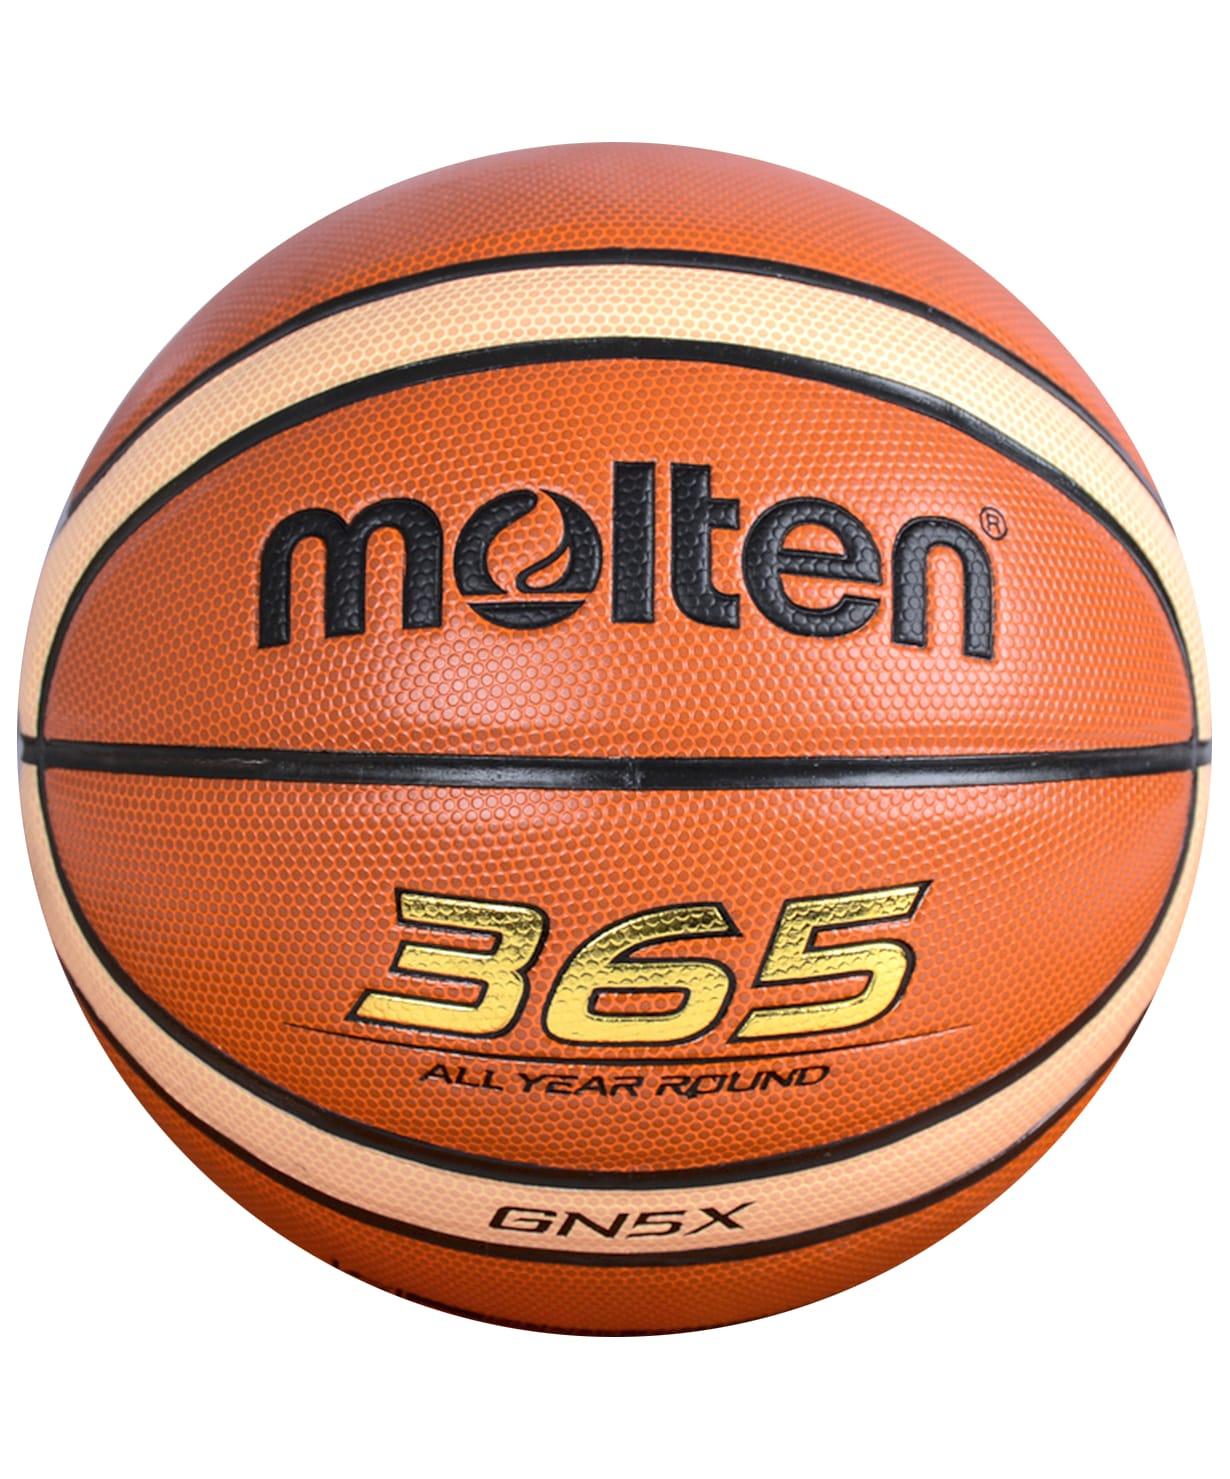 Мяч баскетбольный Molten BGN5X №5 мяч баскетбольный molten размер 5 bgm5x